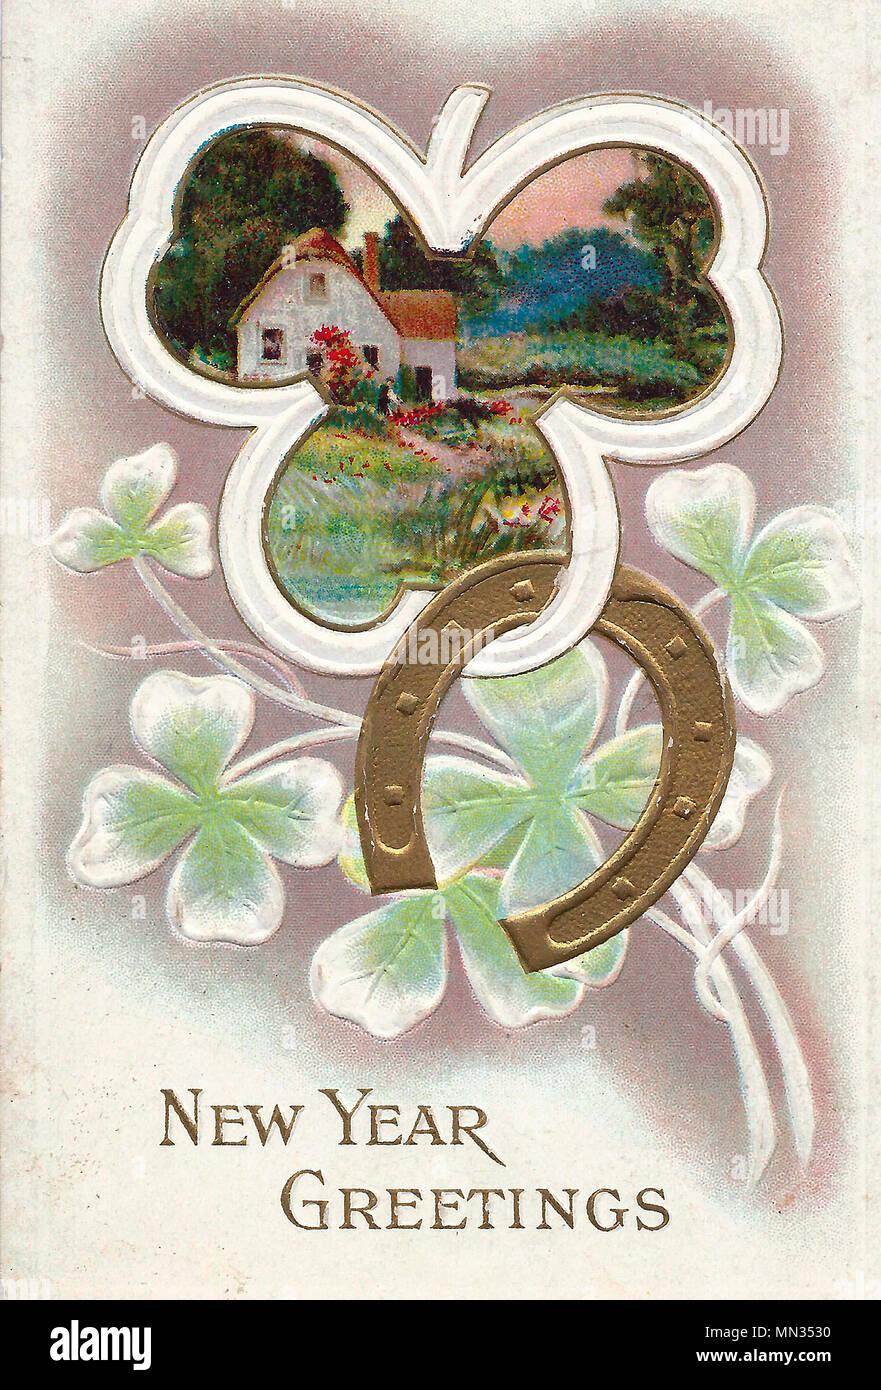 Neue Jahre liebe Grüße - ein Vintage neue Jahre Post Card Stockfoto ...